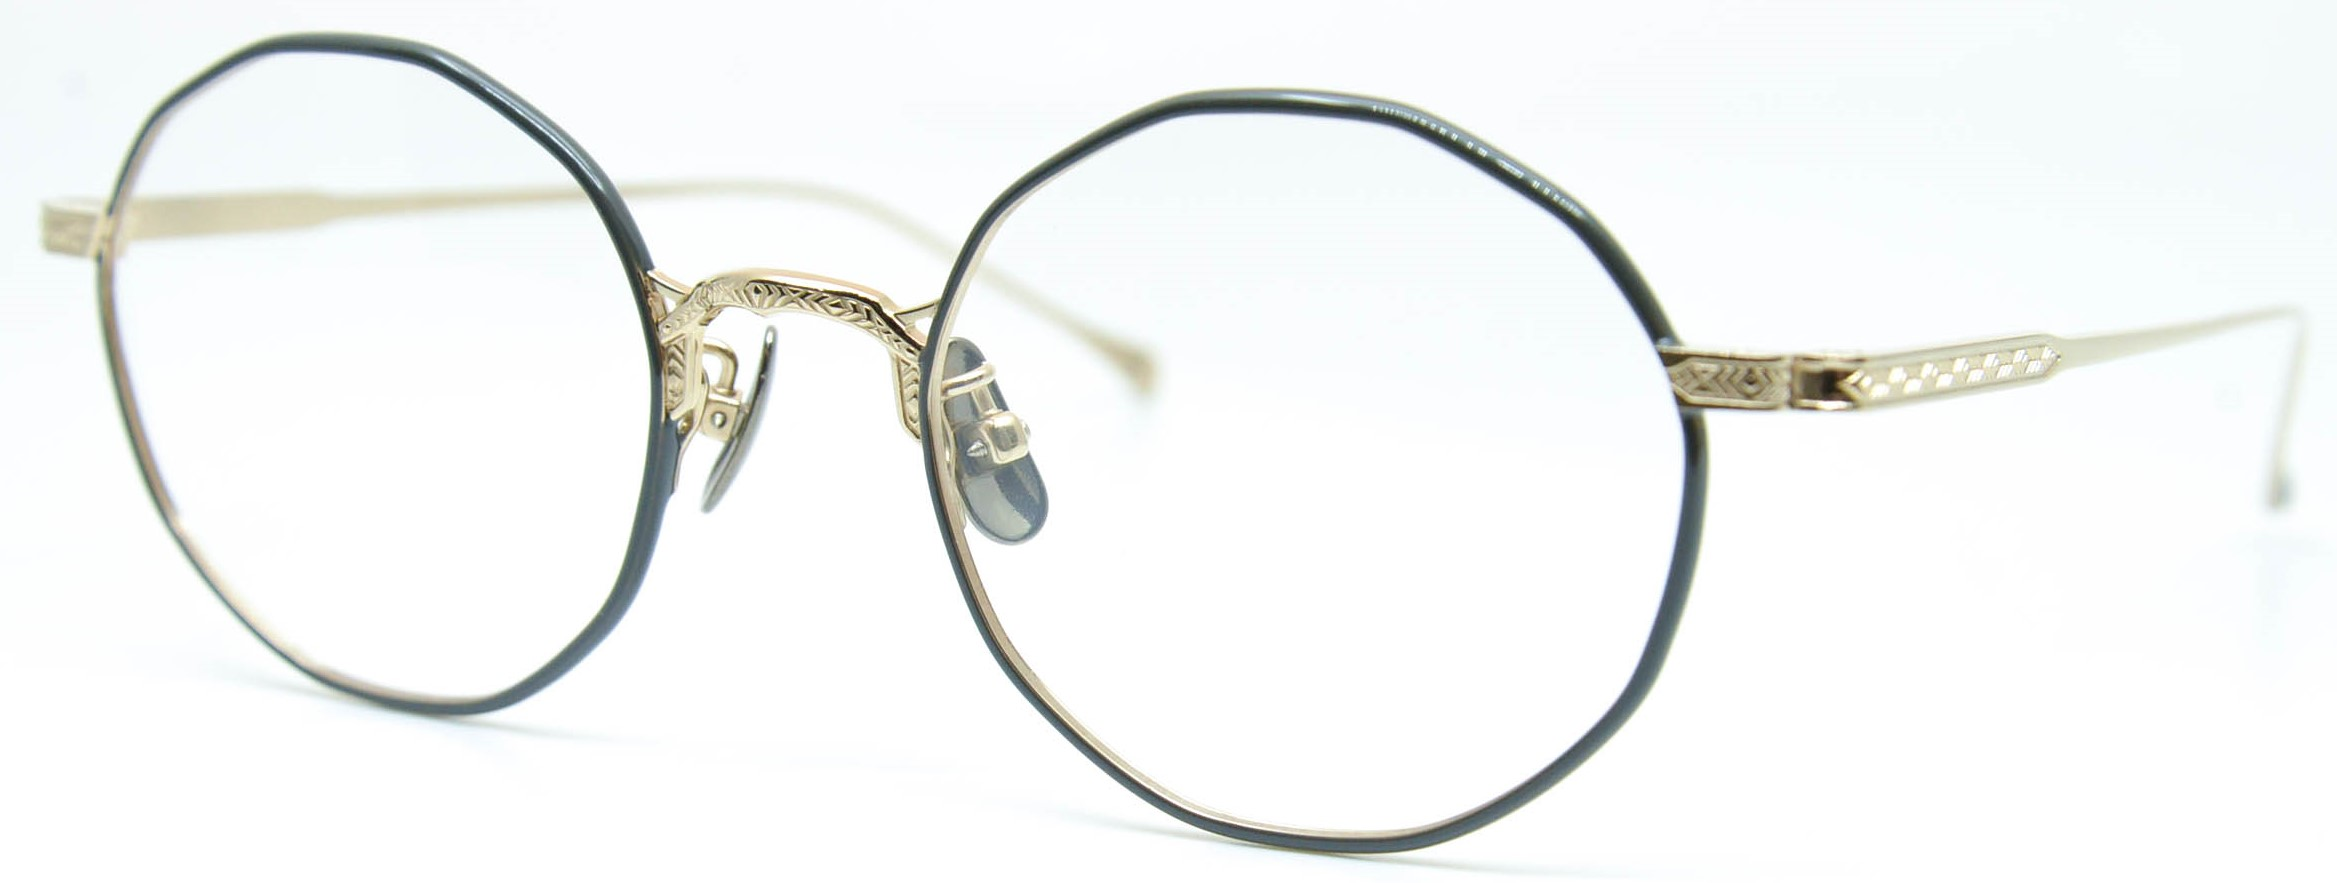 眼鏡のカラータイプC-5 Gray/Gold